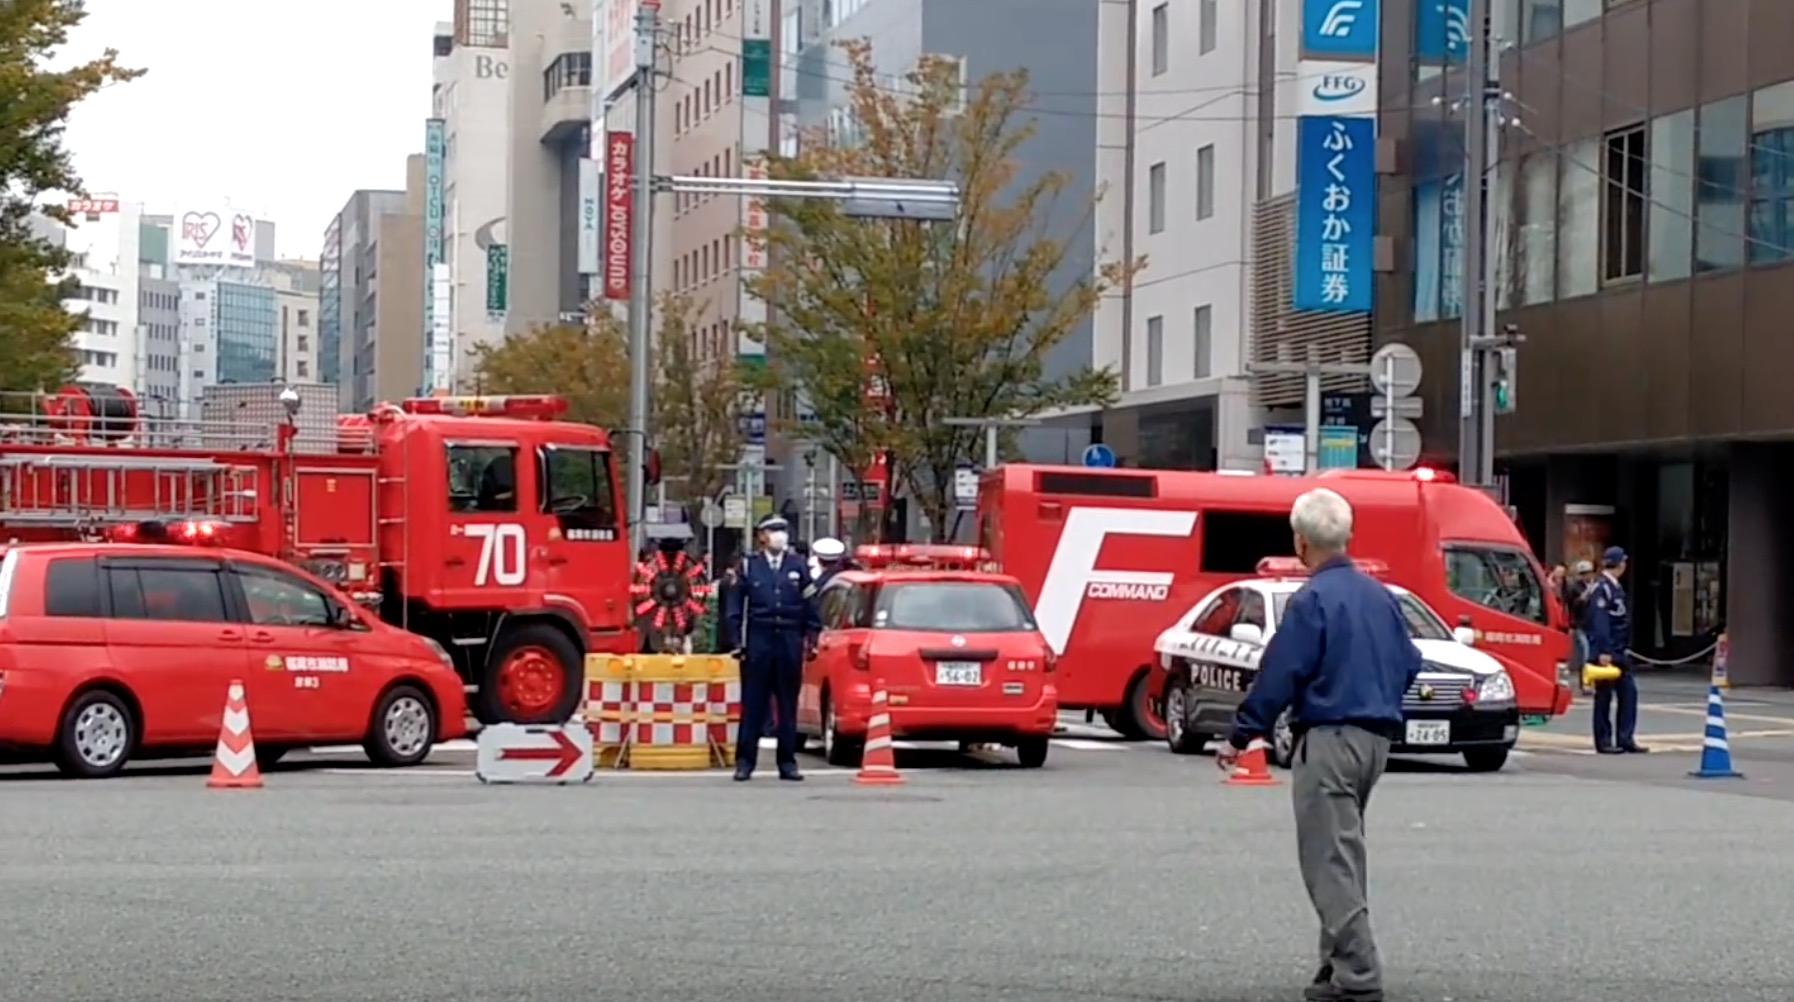 【神対応】博多陥没事故、犠牲者ゼロだったその理由に賞賛の嵐!自主的交通規制のわずか5分後に穴!?